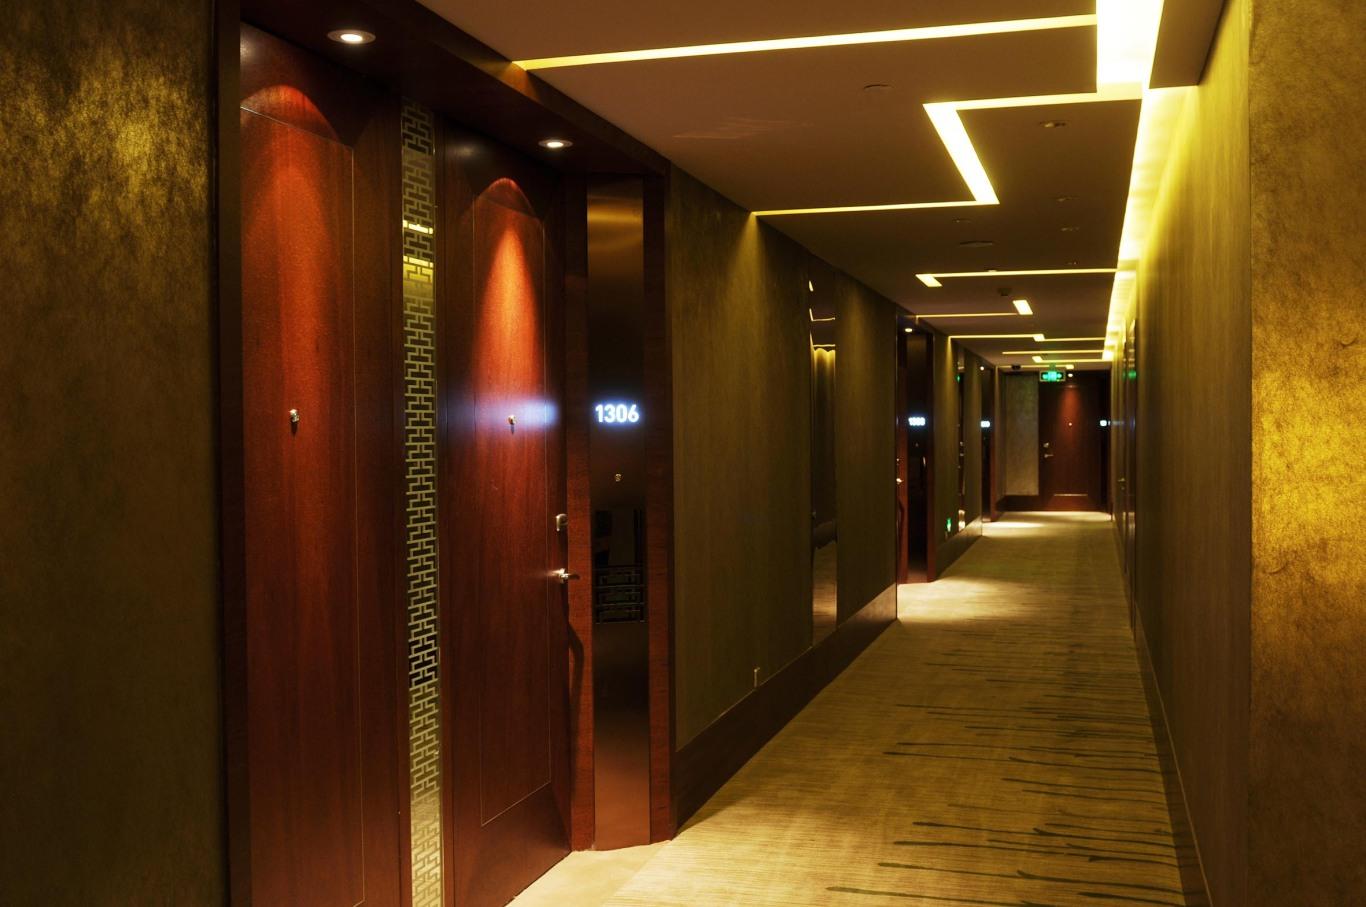 合肥皇冠假日酒店导视系统设计图8